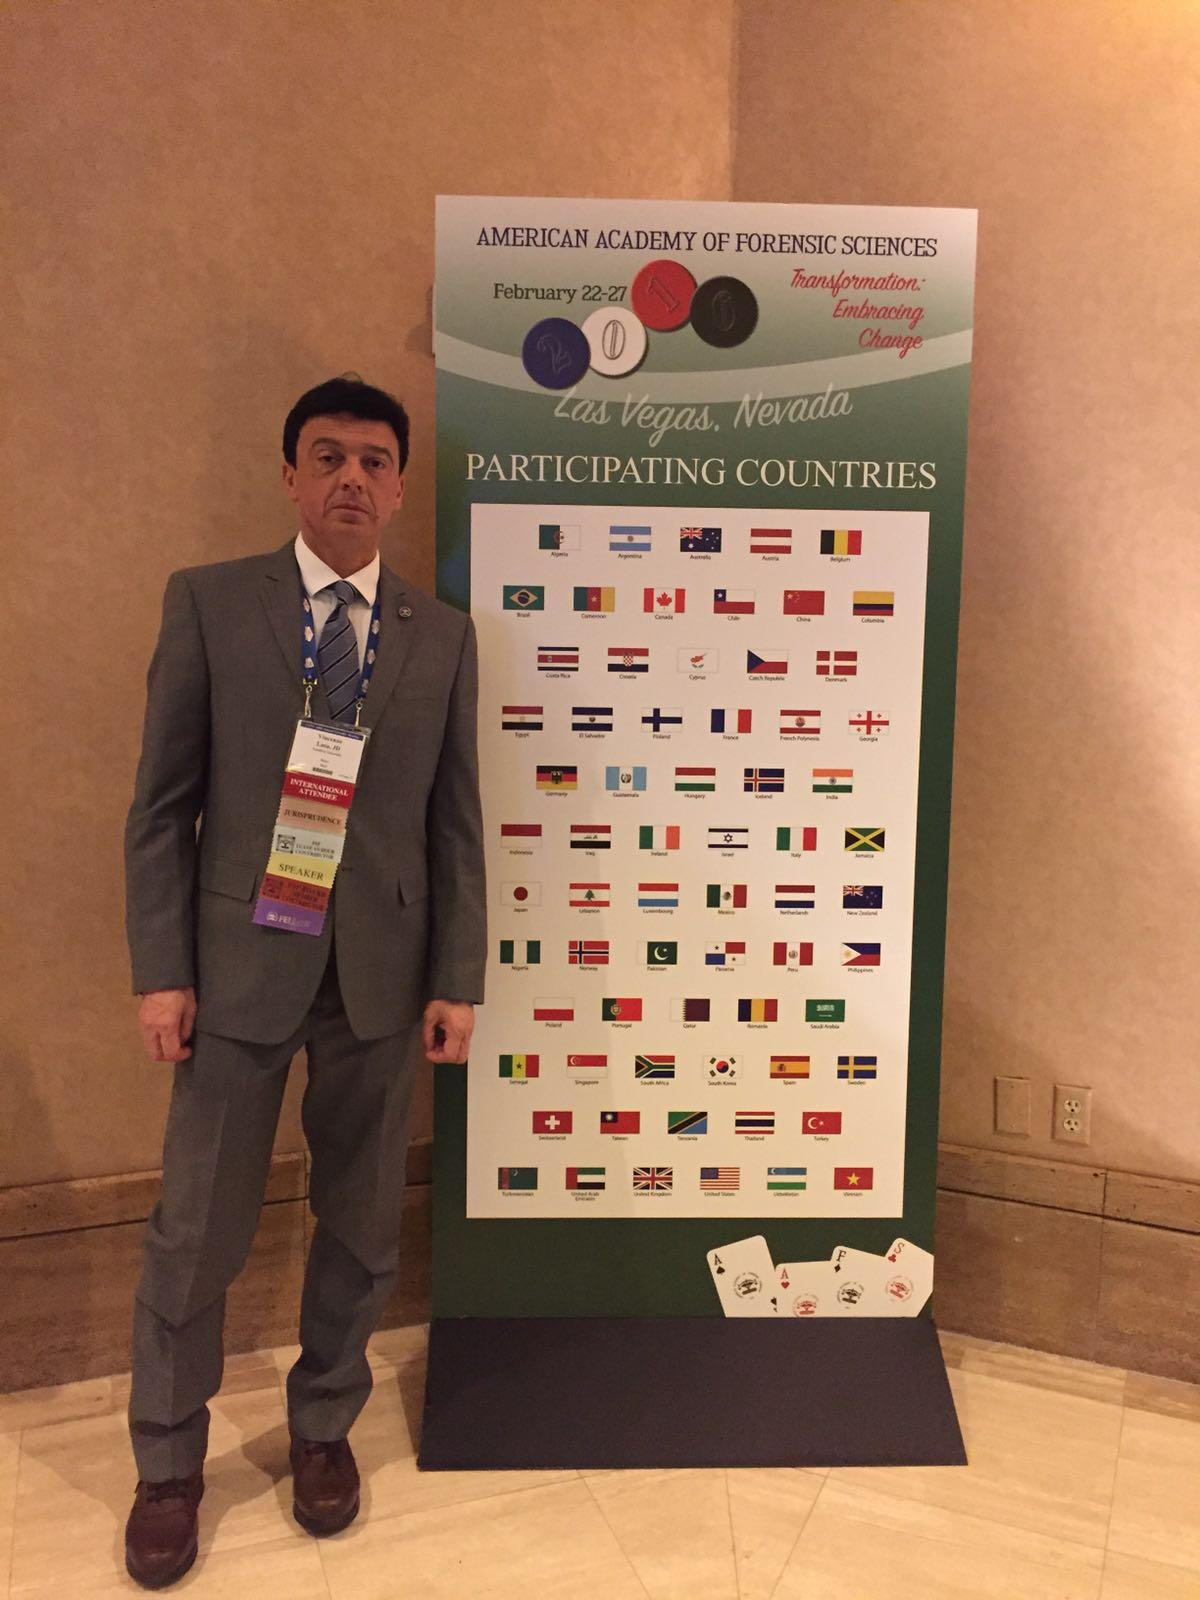 Scienza: Vincenzo Lusa primo Fellow italiano per la giurisprudenza dell'American Academy of Forensic Sciences